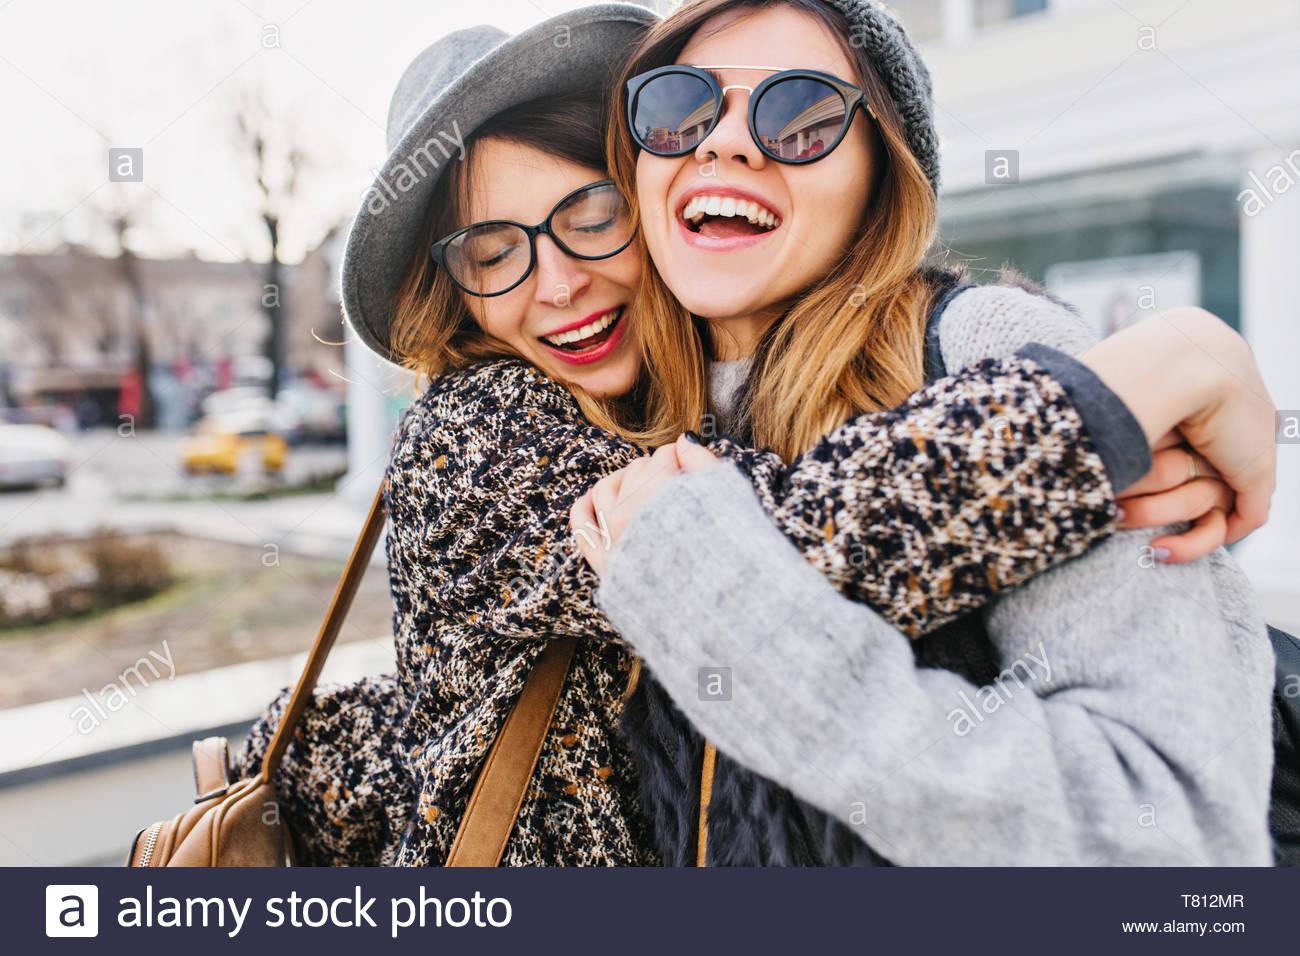 Felice brightful momenti positivi di due ragazze eleganti costeggiata sulla strada in città. Closeup ritratto divertente gioiosa attarctive giovani donne divertendosi, sorridente, Momenti incantevoli, migliori amici Immagini Stock